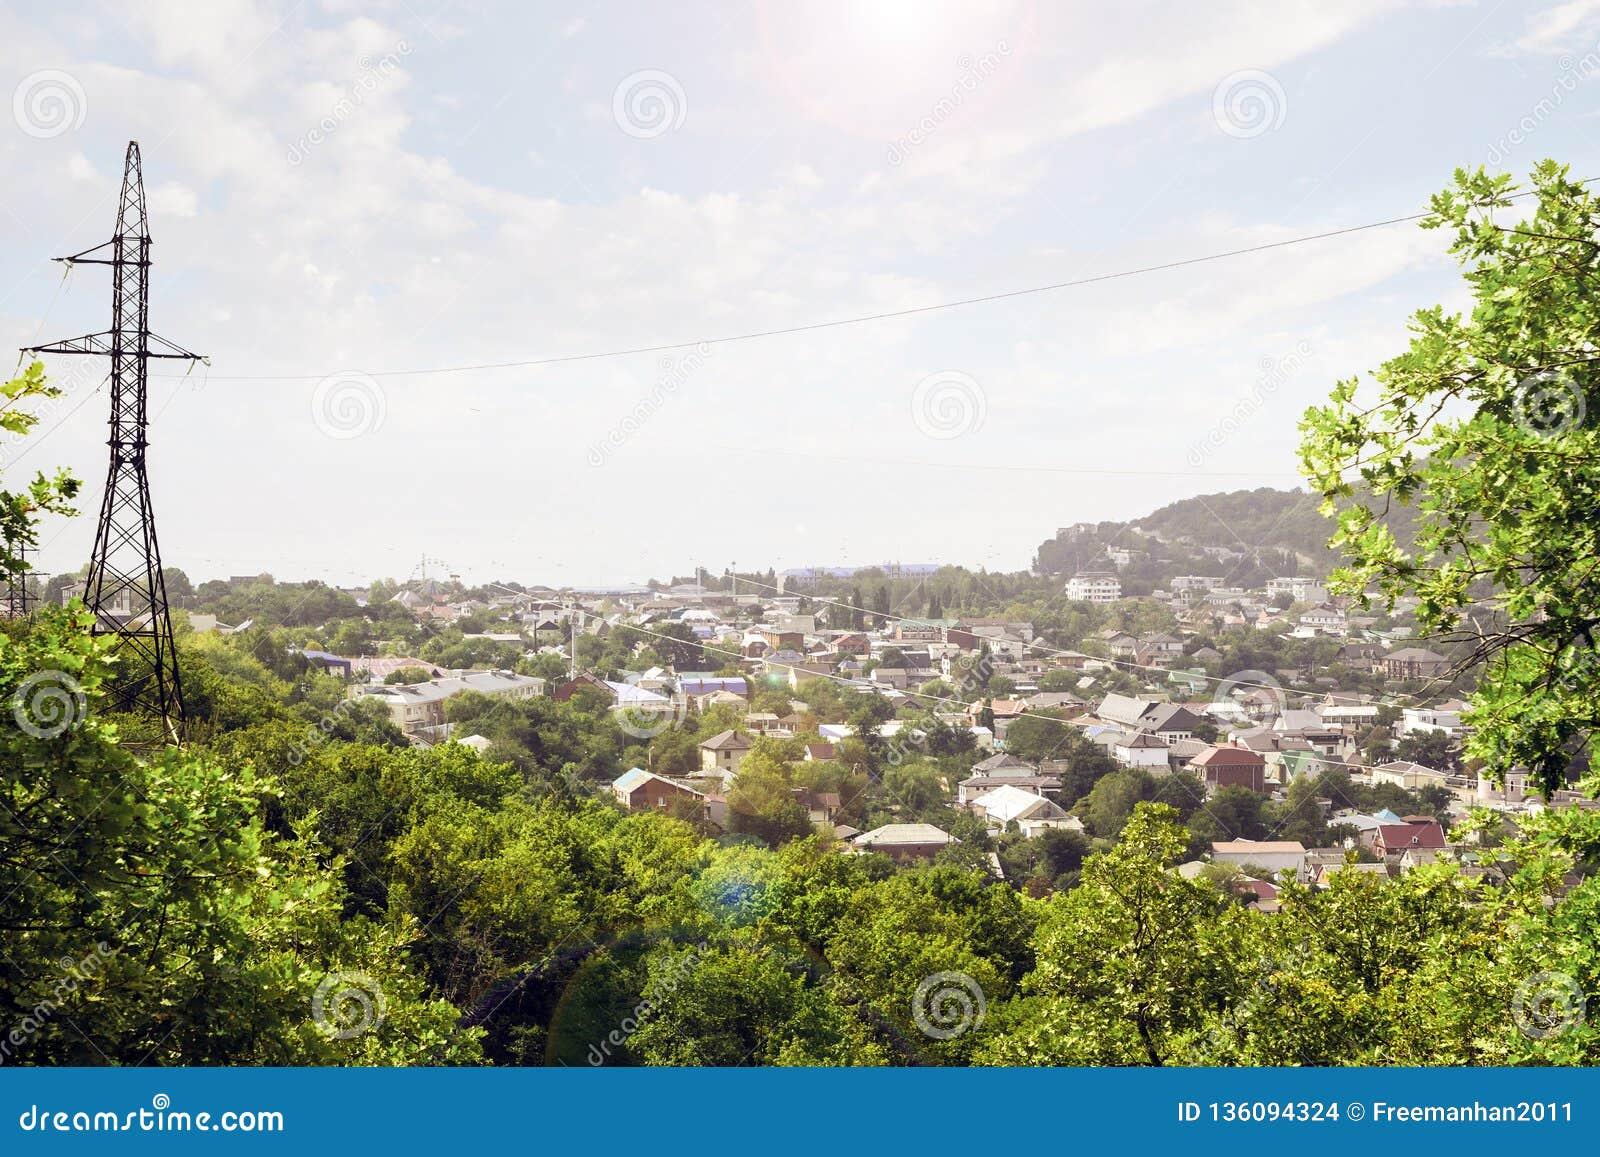 Panorama d une petite ville et d une tour électrique à haute tension pour assurer l électricité à la population